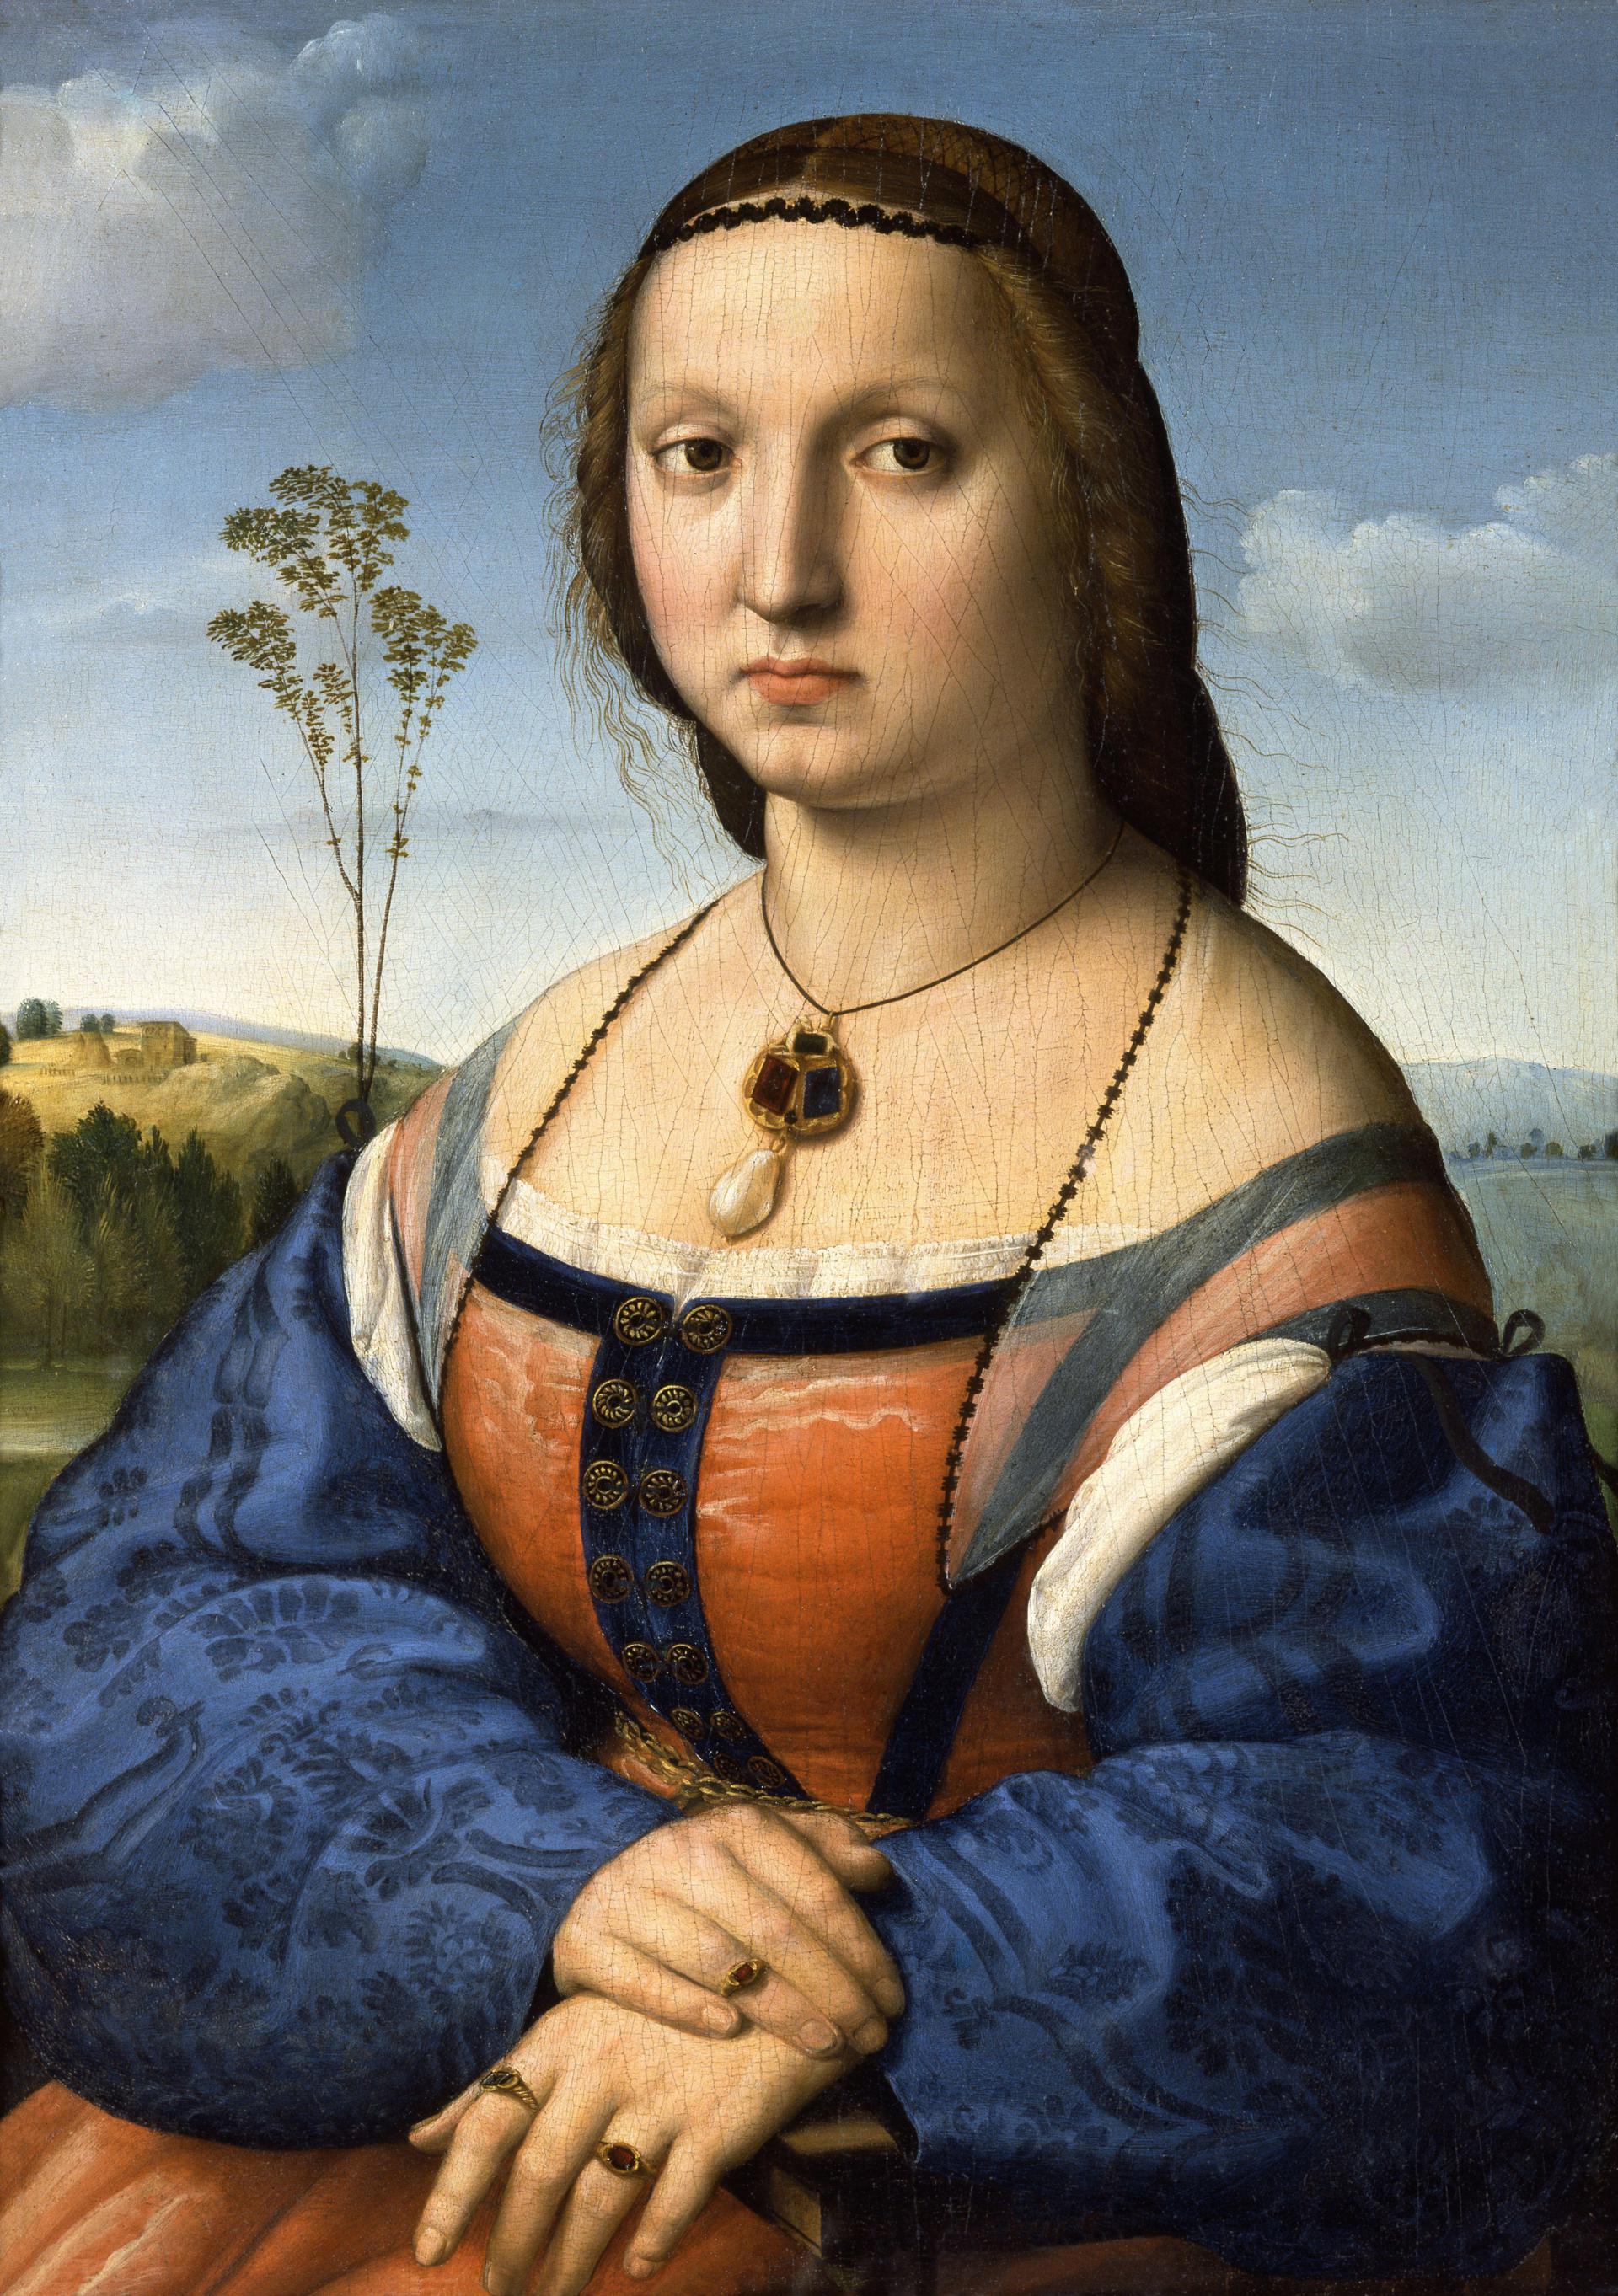 0028_拉斐尔绘画作品集油画专辑TIF-Raffaello-Sanzio-34_3409x4838PX_TIF_72DPI_48_0